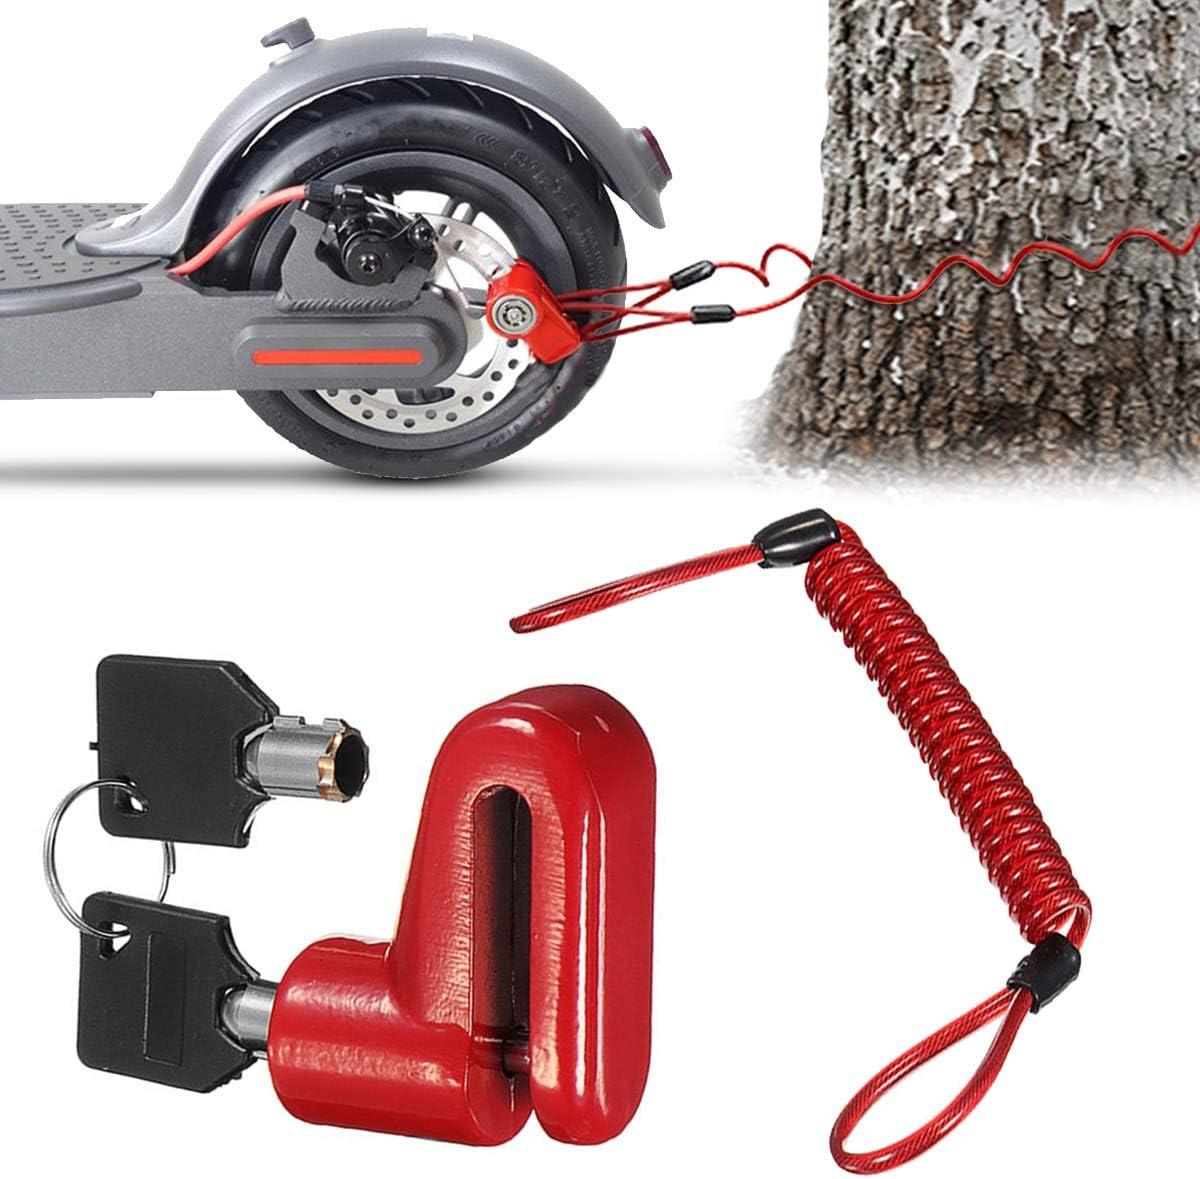 Scooter Eléctrico Cerradura del Freno de Disco Cerradura de Seguridad, Cerradura de Alambre de Acero Antirrobo para Xiaomi Mijia M365 Ruedas de Bicicleta Armario con Cuerda de Recordatorio (Rojo)